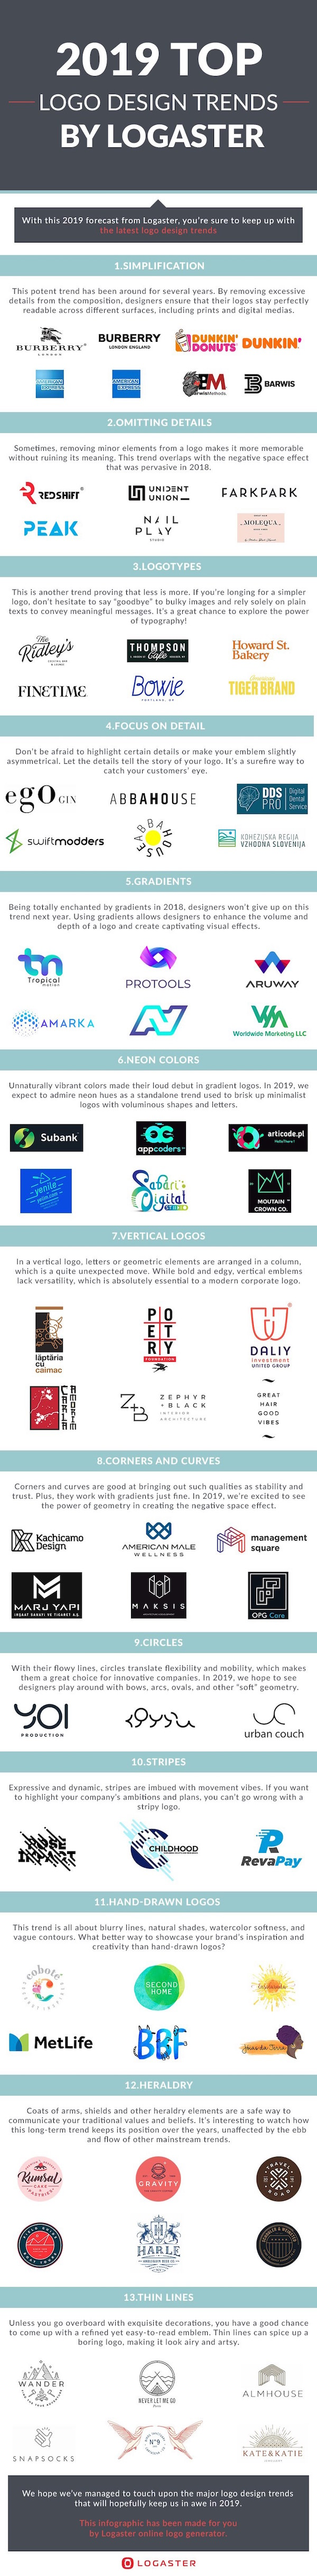 Tendencias de diseño de logos 2019